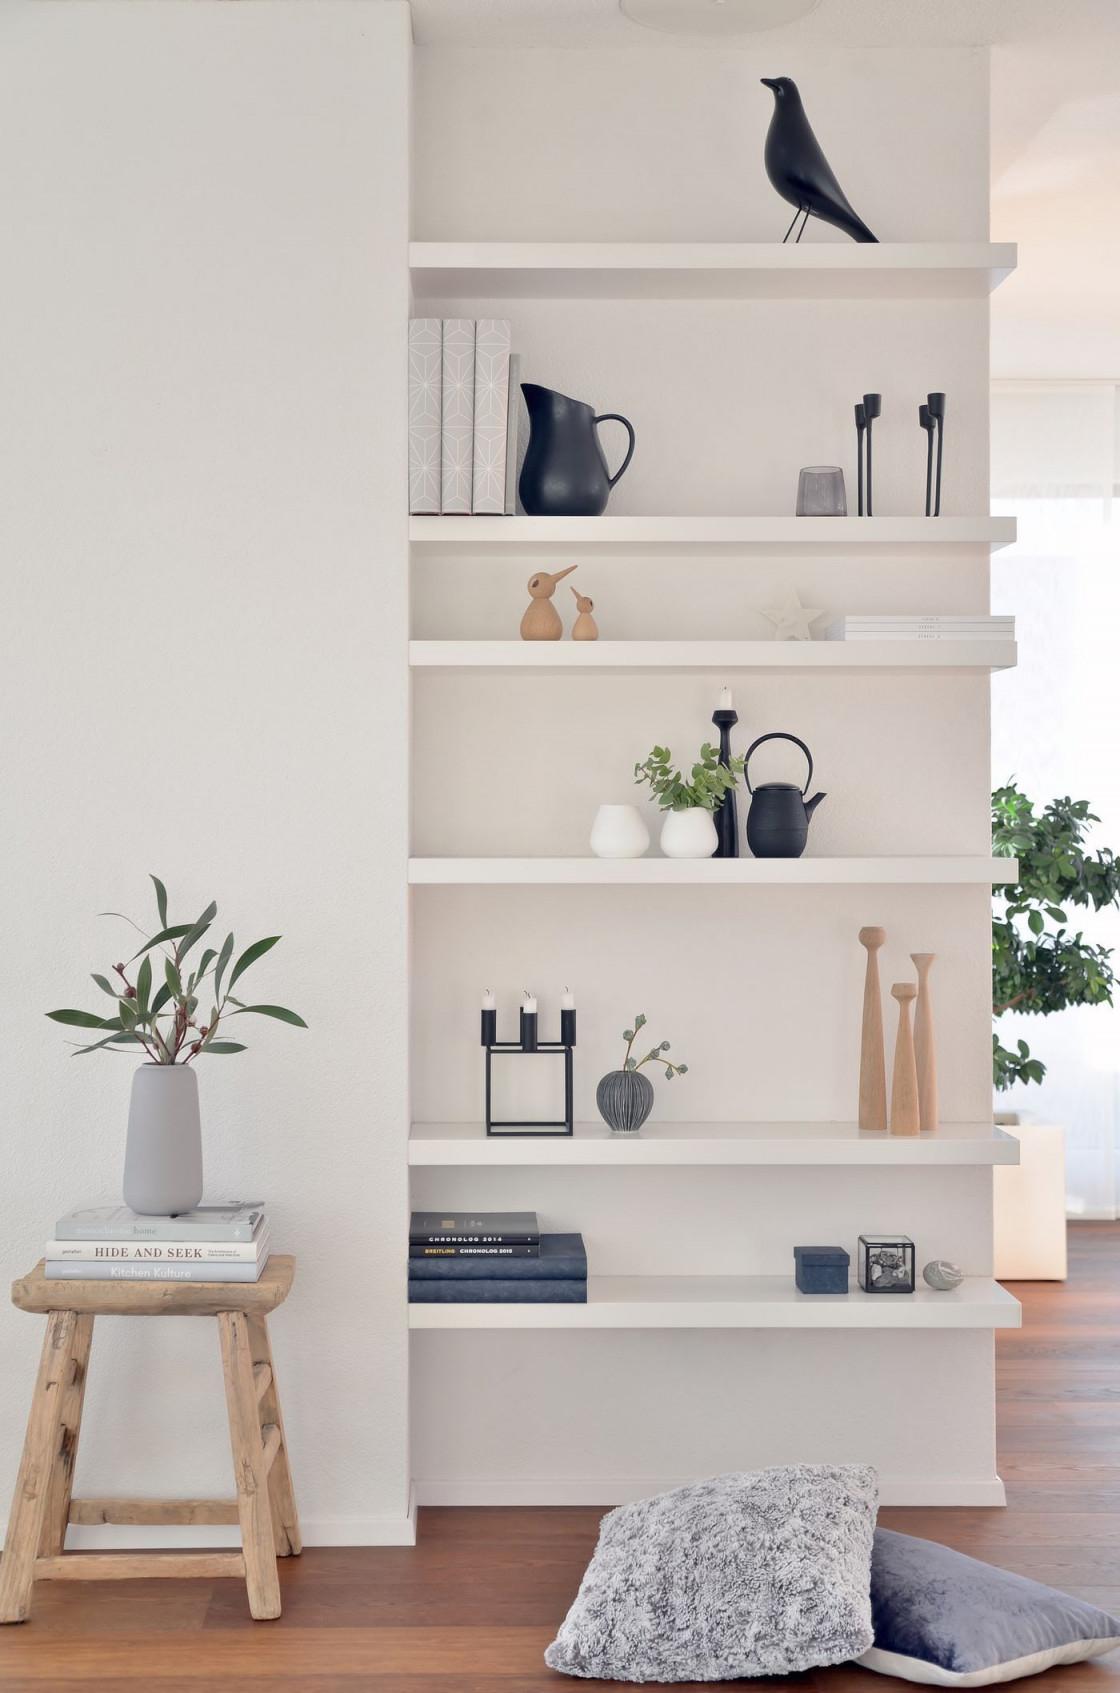 Die Schönsten Wohnideen Mit Regalen von Wandregal Ideen Wohnzimmer Photo